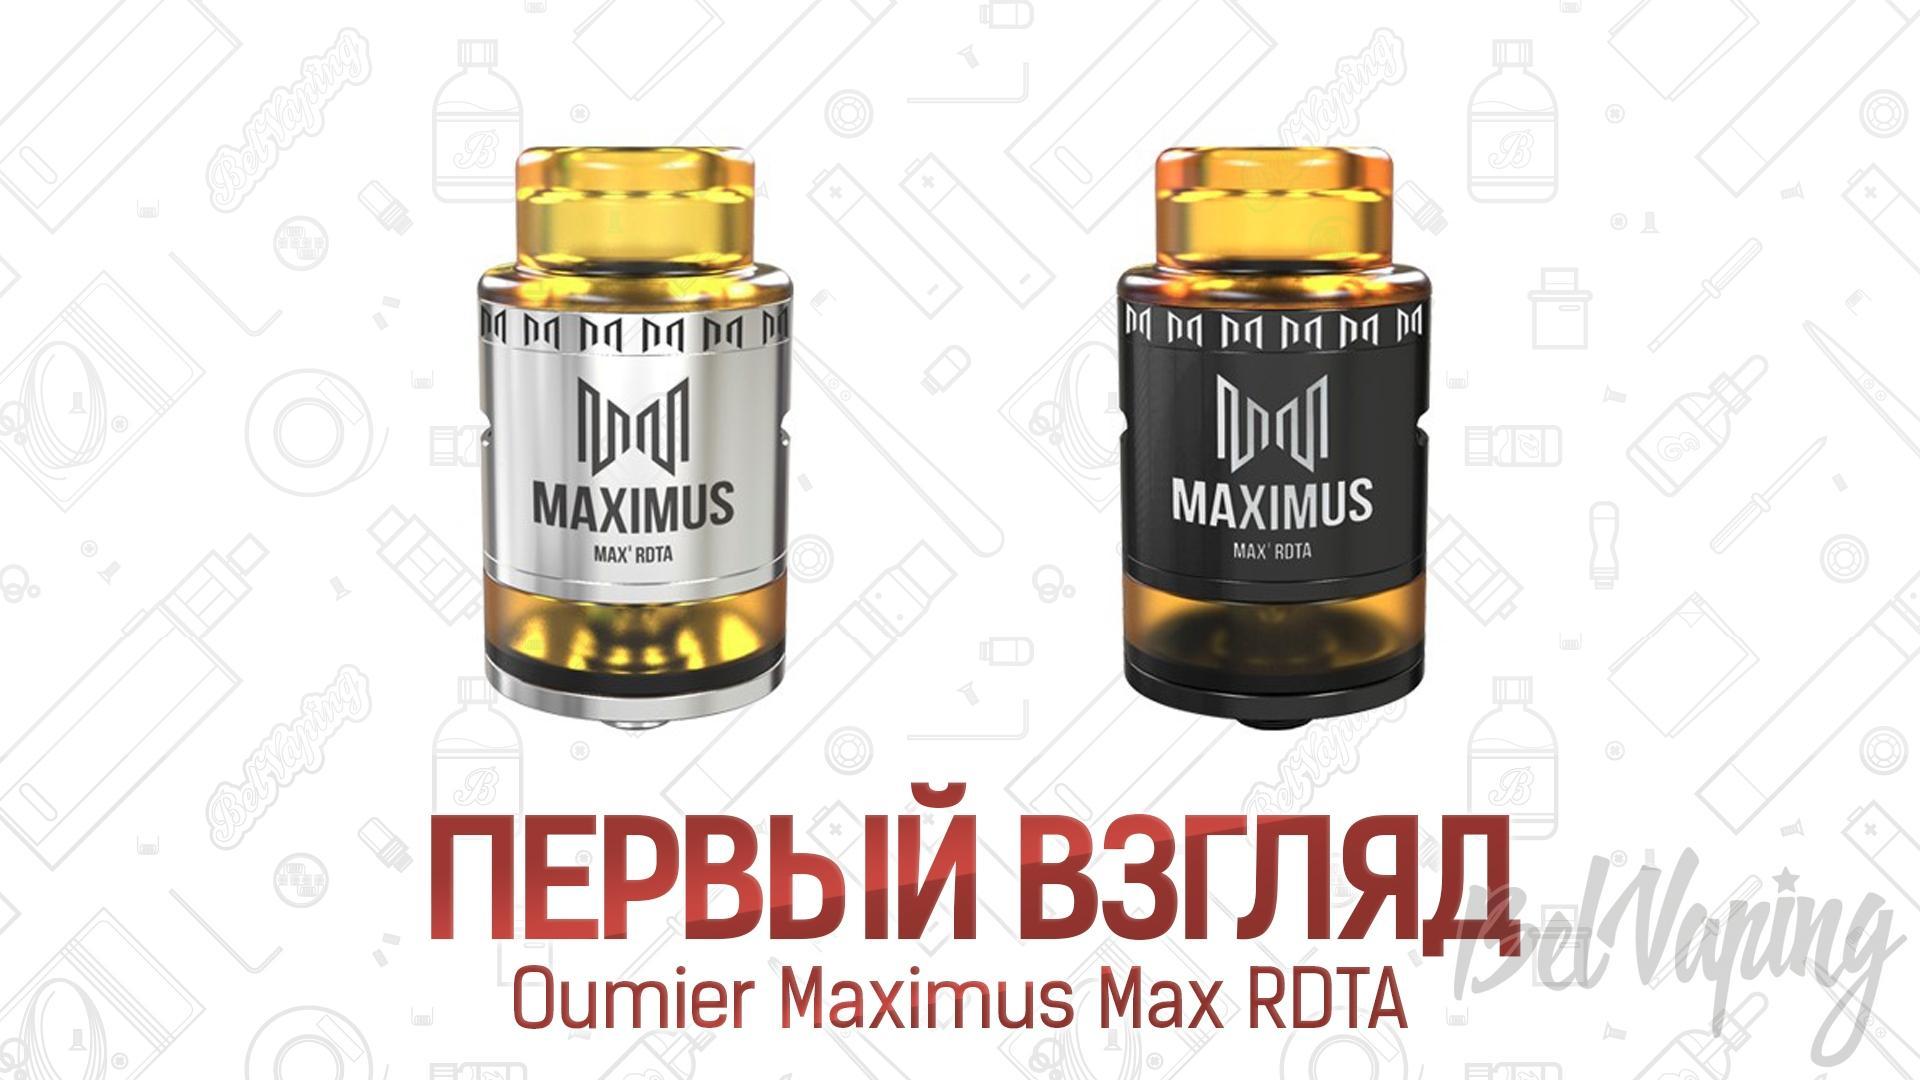 Oumier Maximus Max RDTA. Первый взгляд